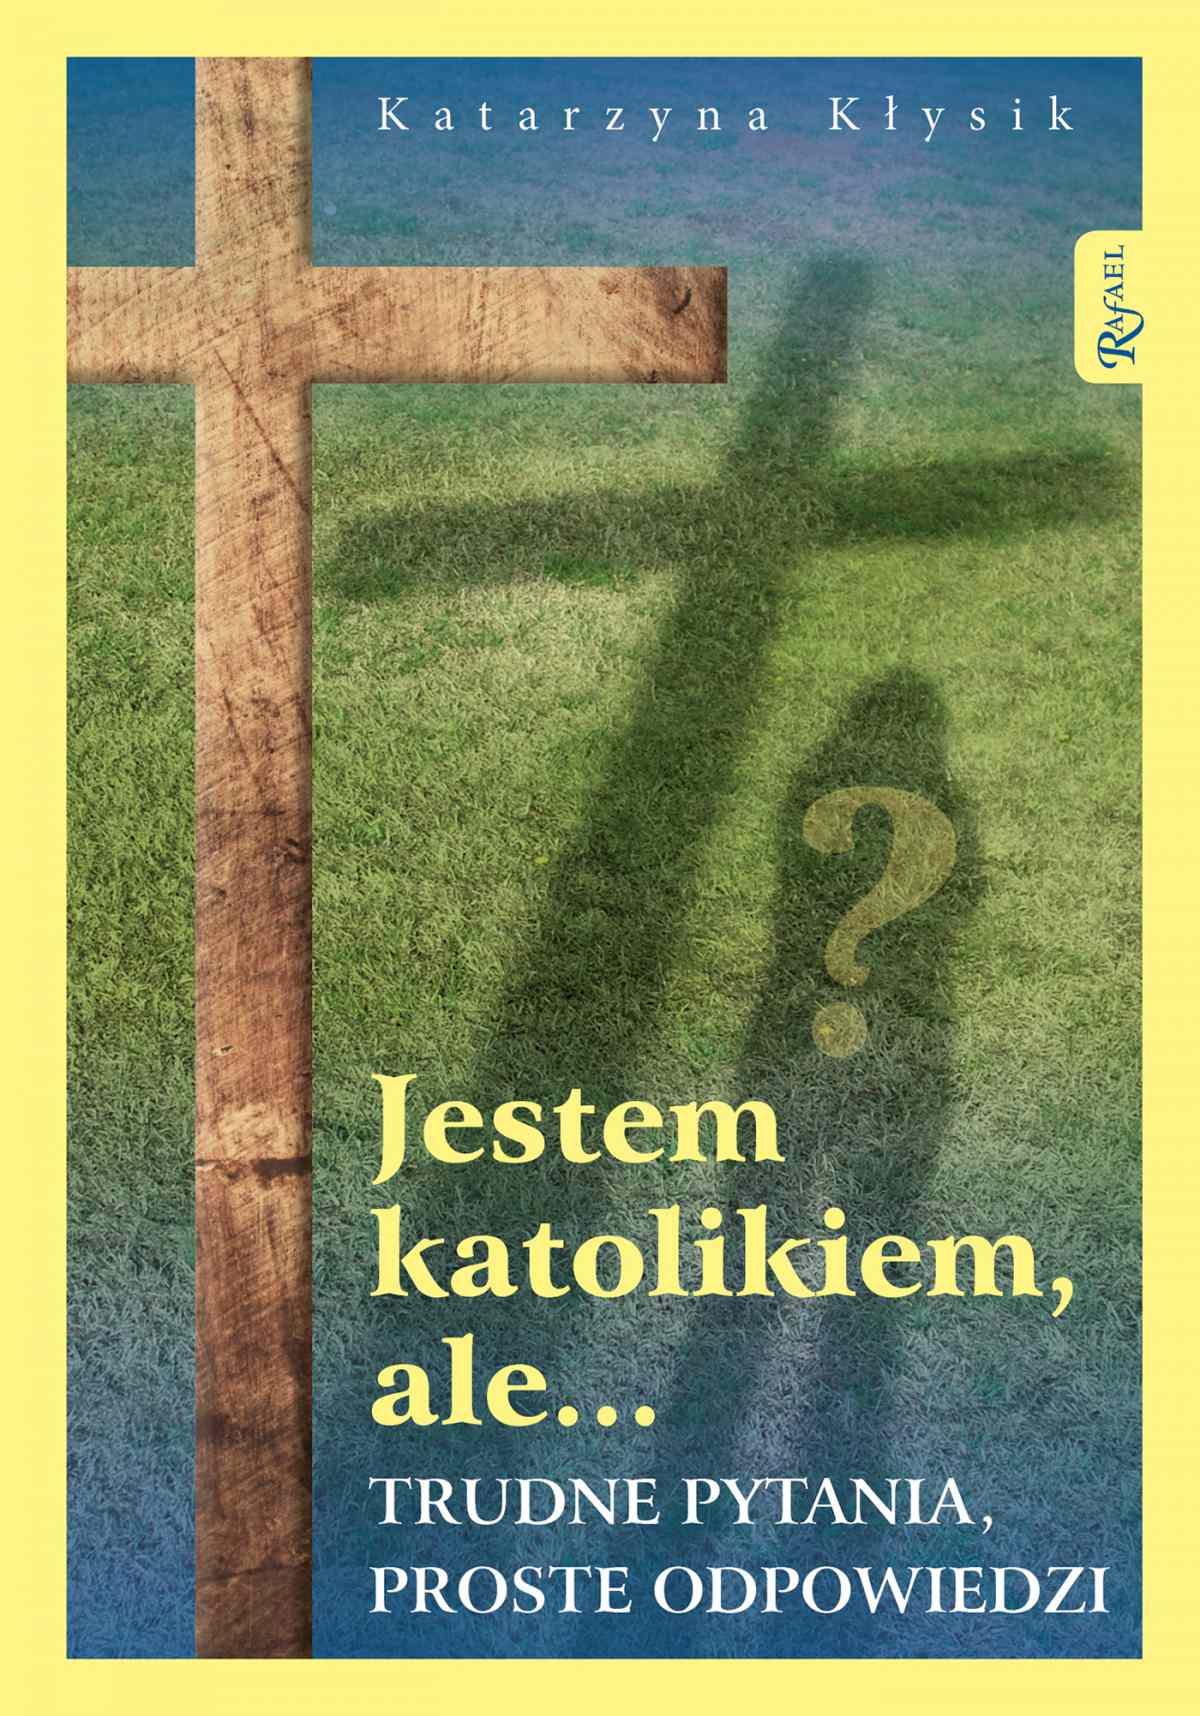 Jestem katolikiem, ale... Trudne pytania, proste odpowiedzi - Ebook (Książka PDF) do pobrania w formacie PDF